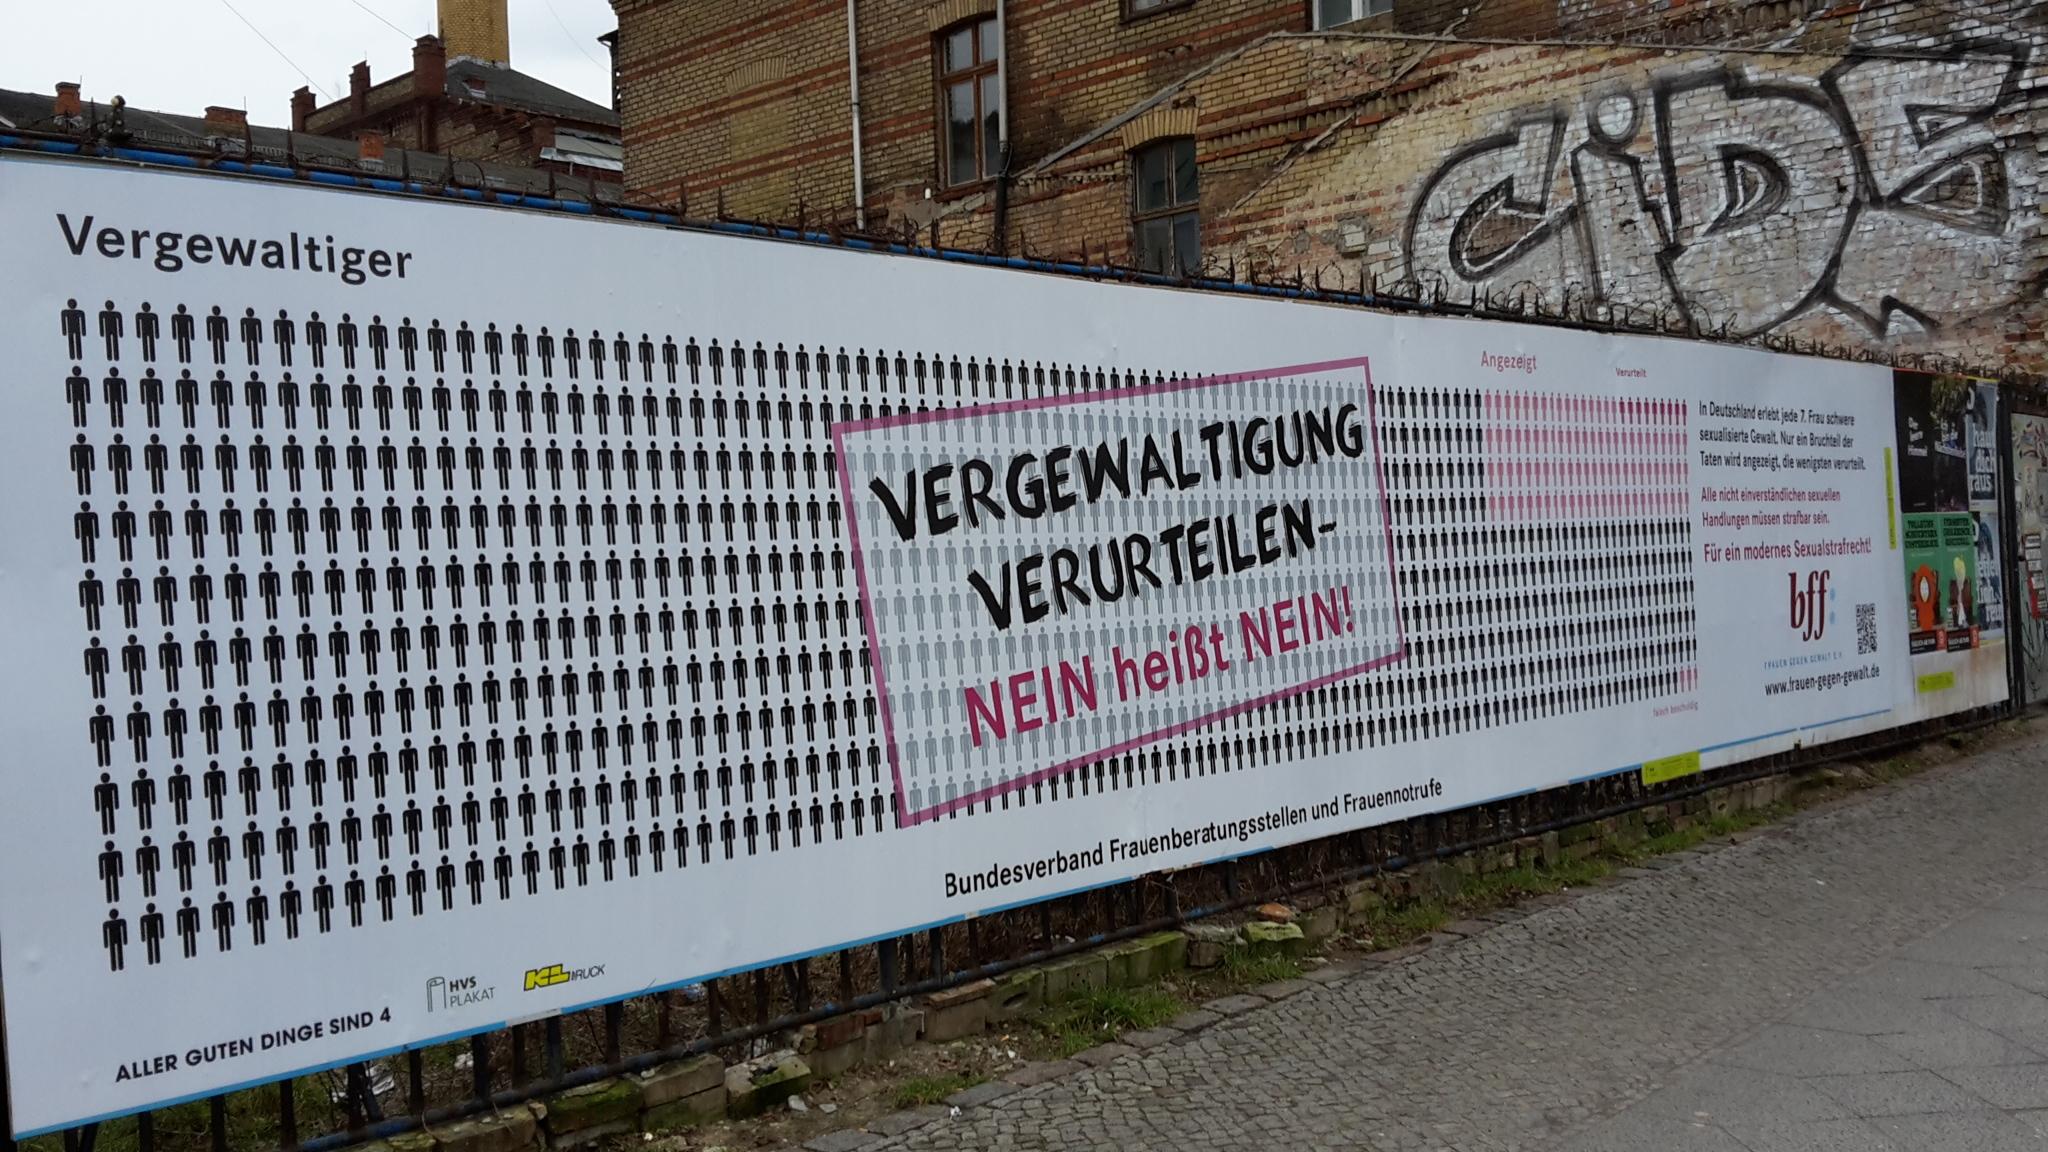 berliner-strase-the-photographer-is-antonia-becht